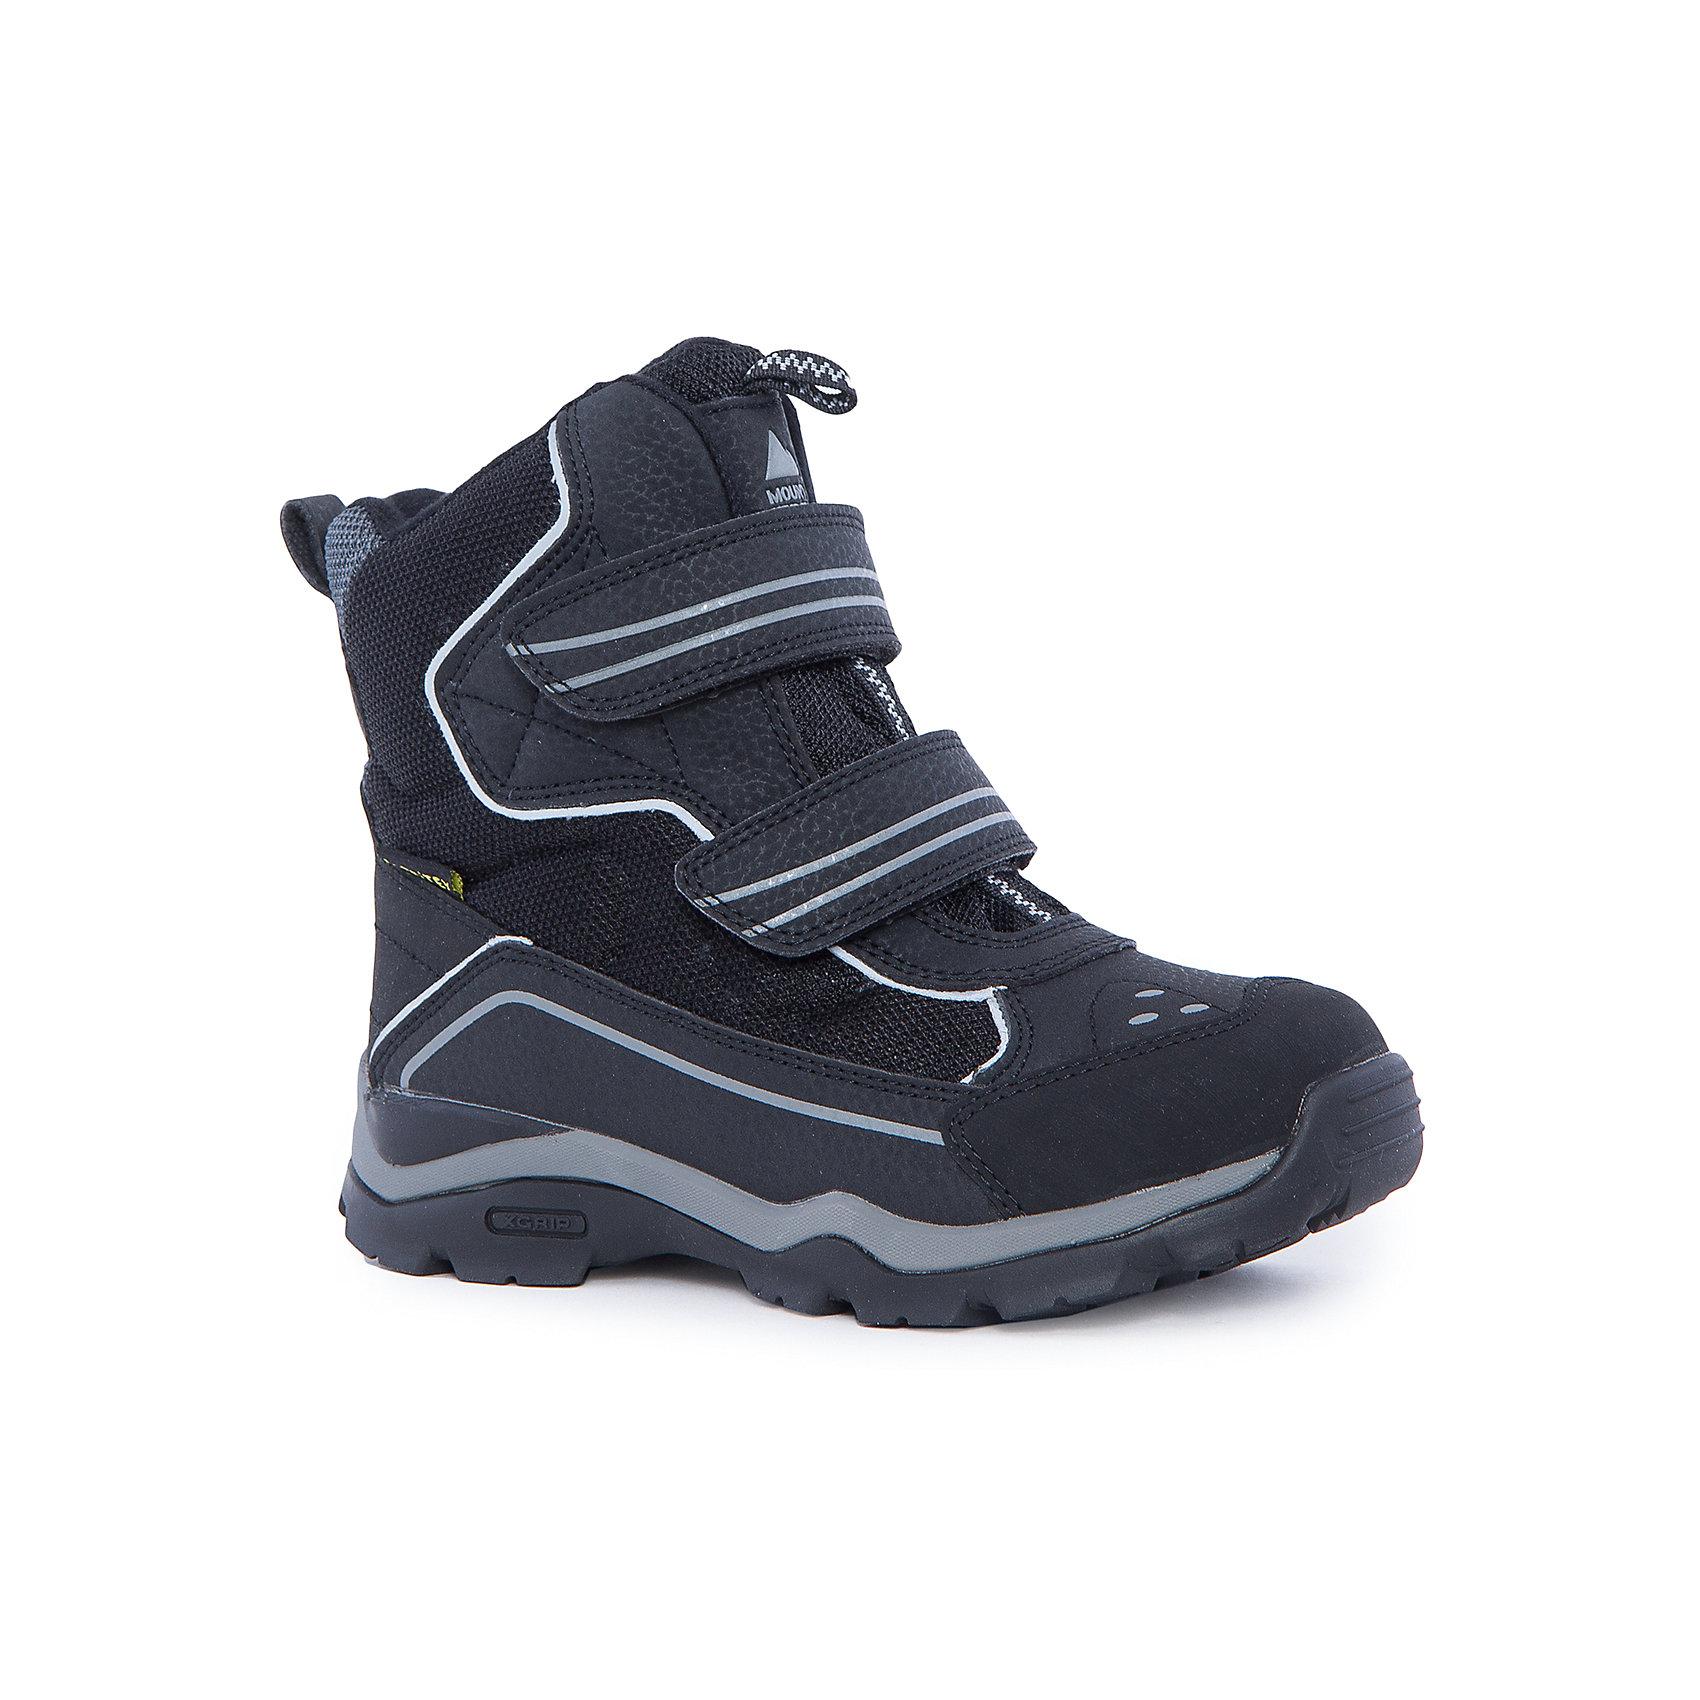 Ботинки для мальчика KAPIKAБотинки для мальчика KAPIKA.<br><br>Температурный режим: до -20 градусов. Степень утепления – средняя. <br><br>* Температурный режим указан приблизительно — необходимо, прежде всего, ориентироваться на ощущения ребенка. <br><br>Стильная и теплая обувь для холодной погоды.<br>Теплые и непромокаемые высокие ботинки – очень легкие и удобные. Ребенок сможет бегать долгое время и не уставать. Кроме этого, для правильного положения стопы есть твердый задник. Нескользящая подошва защитит ребенка от падения. Ботинки хорошо прилегают к ноге, фиксируясь двумя липучками.<br><br>Дополнительная информация:<br><br>- цвет: черный<br>- материал верха: искусственная кожа/водонепроницаемый материал<br>- материал низа: 65% искусственный мех, 35% шерсть<br><br>Ботинки для мальчика KAPIKA можно купить в нашем интернет магазине.<br><br>Ширина мм: 262<br>Глубина мм: 176<br>Высота мм: 97<br>Вес г: 427<br>Цвет: черный<br>Возраст от месяцев: 132<br>Возраст до месяцев: 144<br>Пол: Мужской<br>Возраст: Детский<br>Размер: 35,34,33,32,31<br>SKU: 4987962